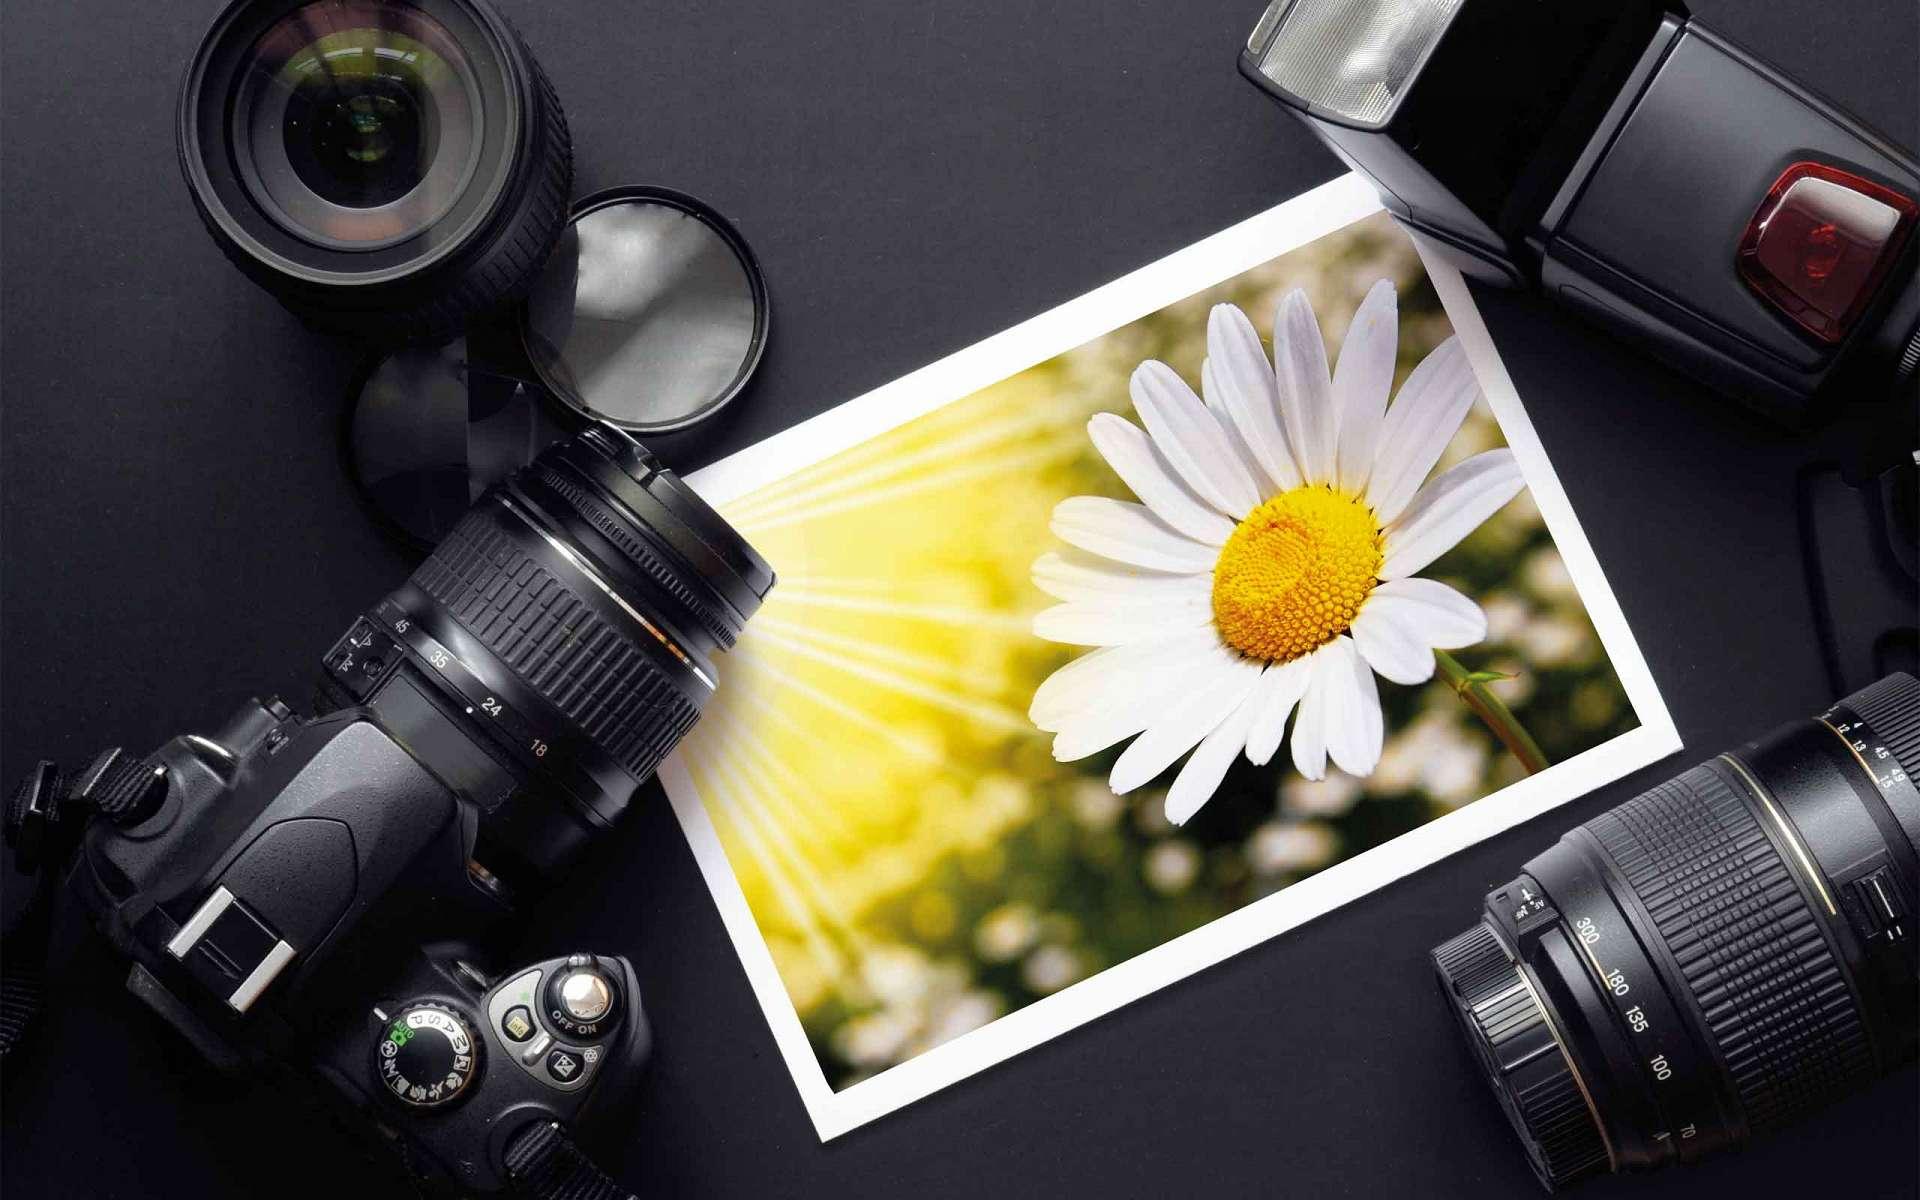 ходу открытки с камерой всем желаю успеха